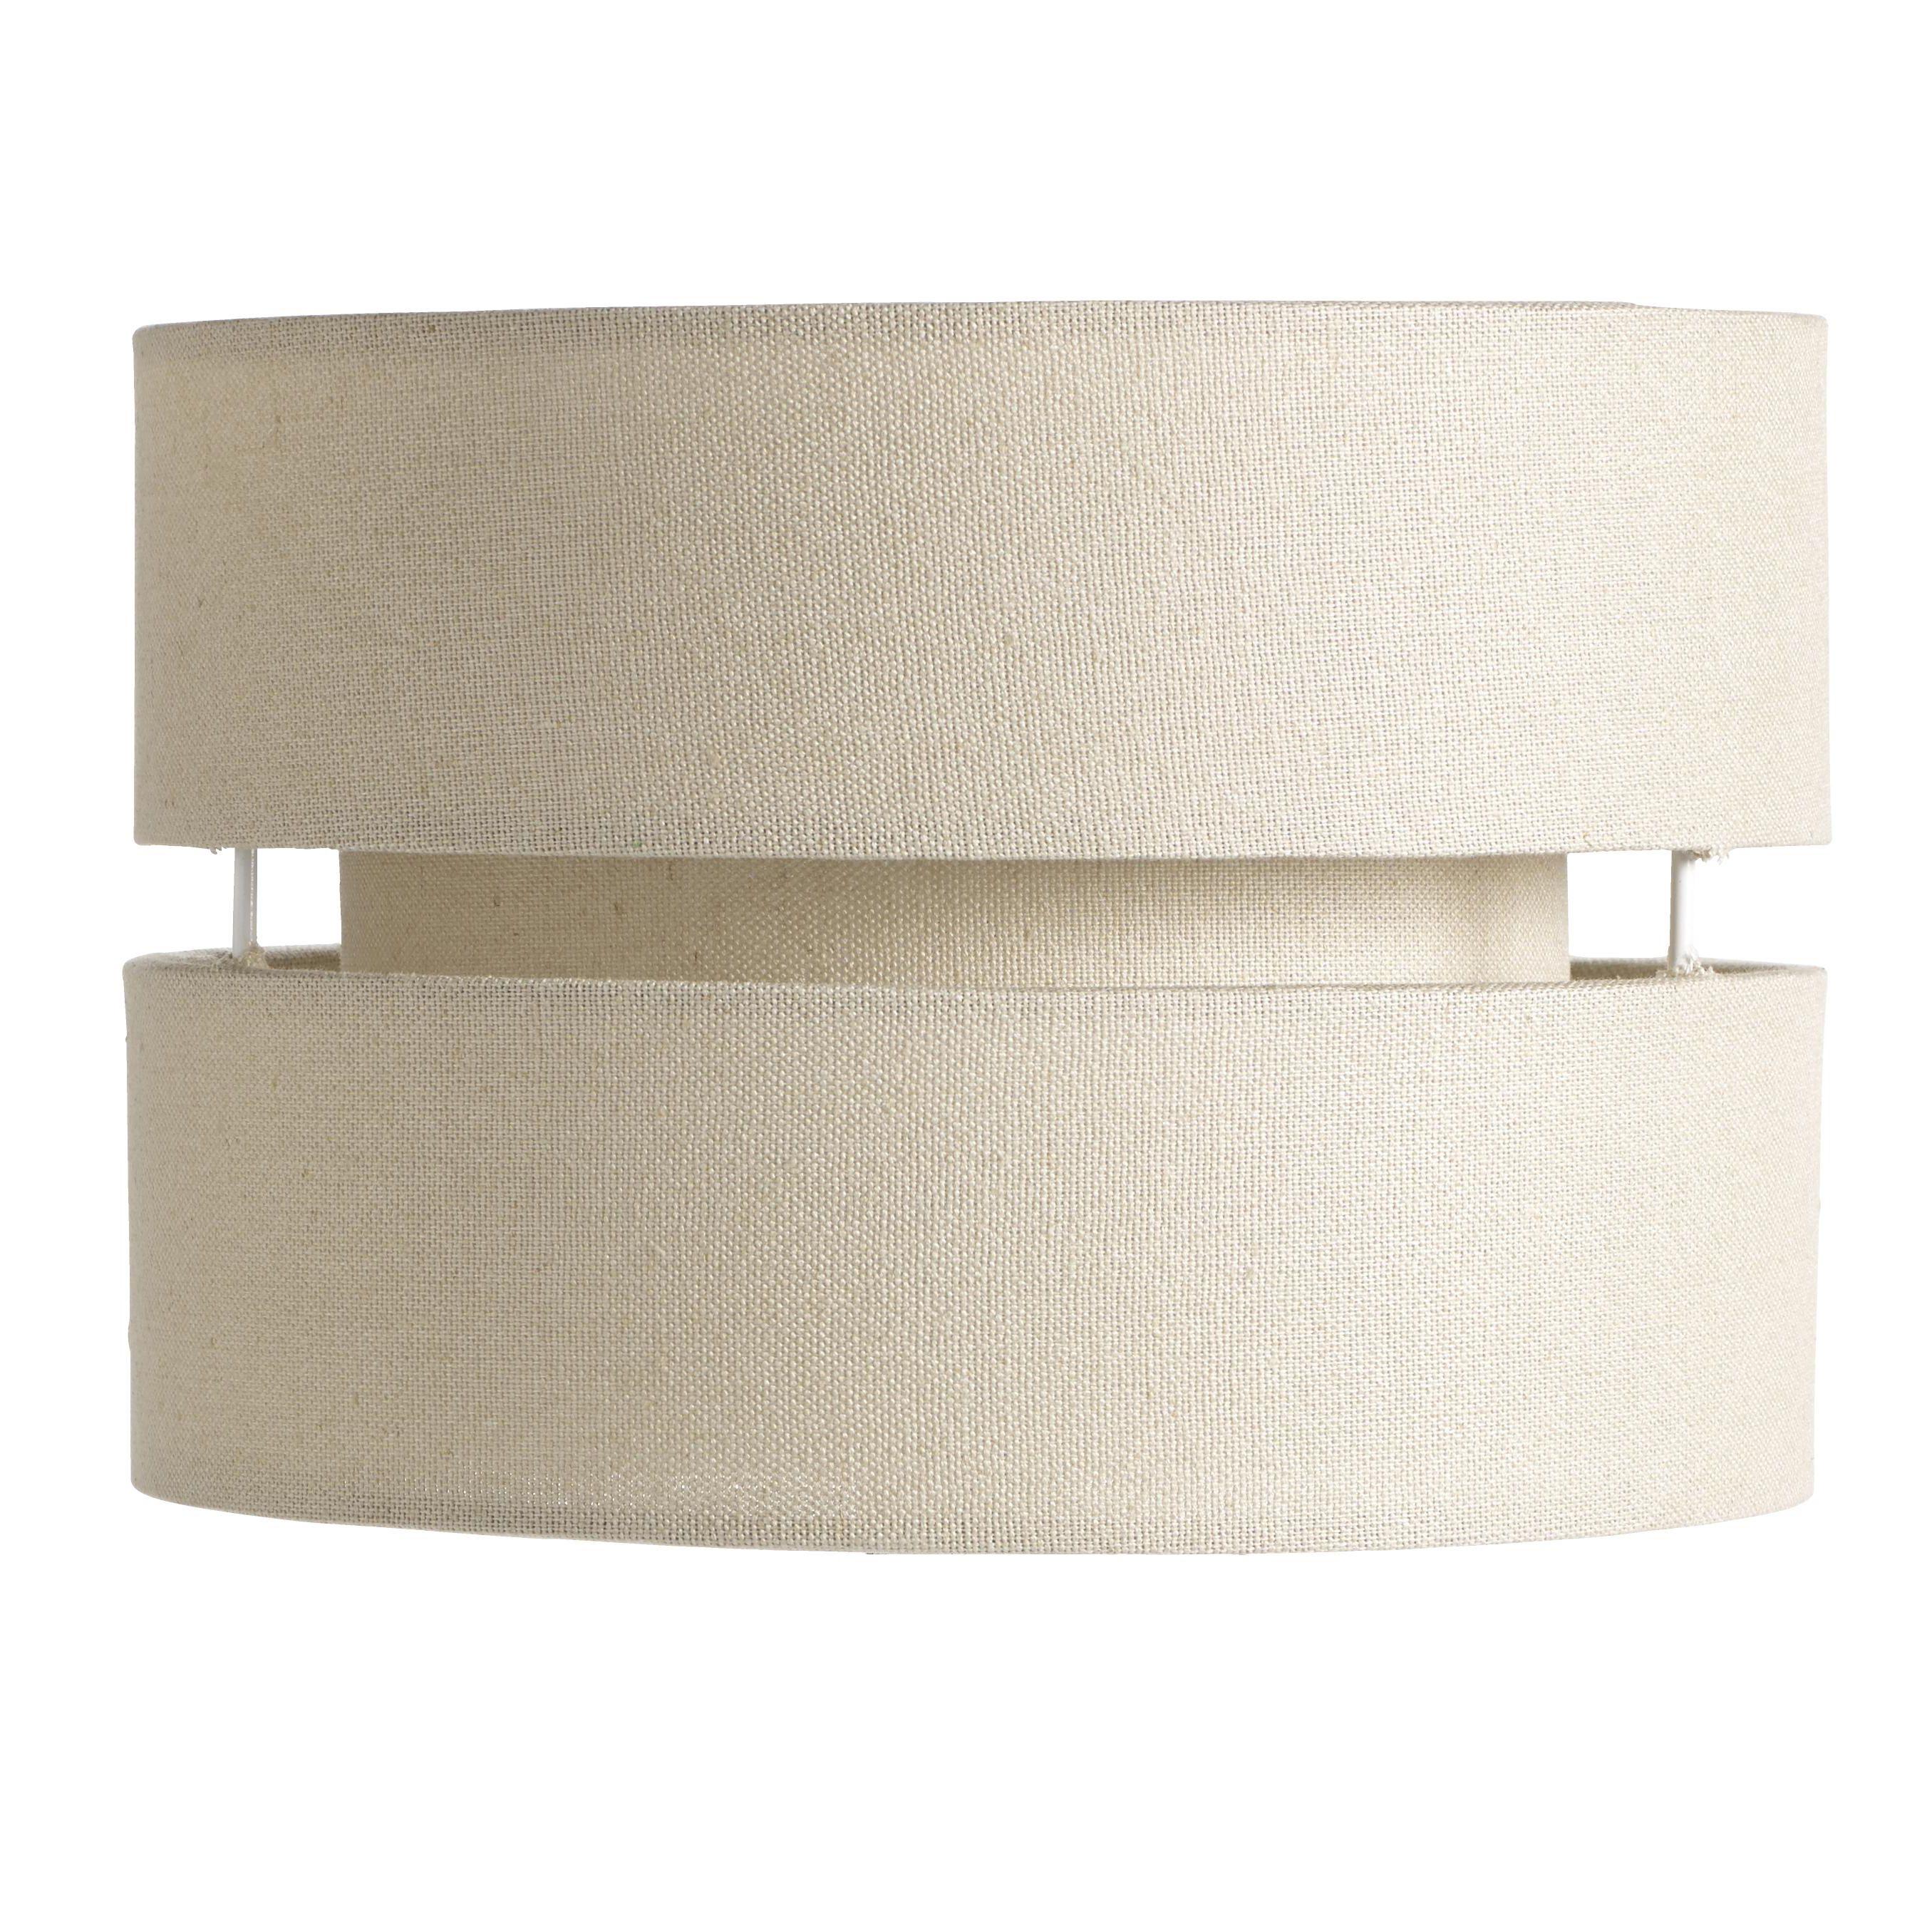 Colours Duo Cream 2 Tier Lamp Shade (d)22cm